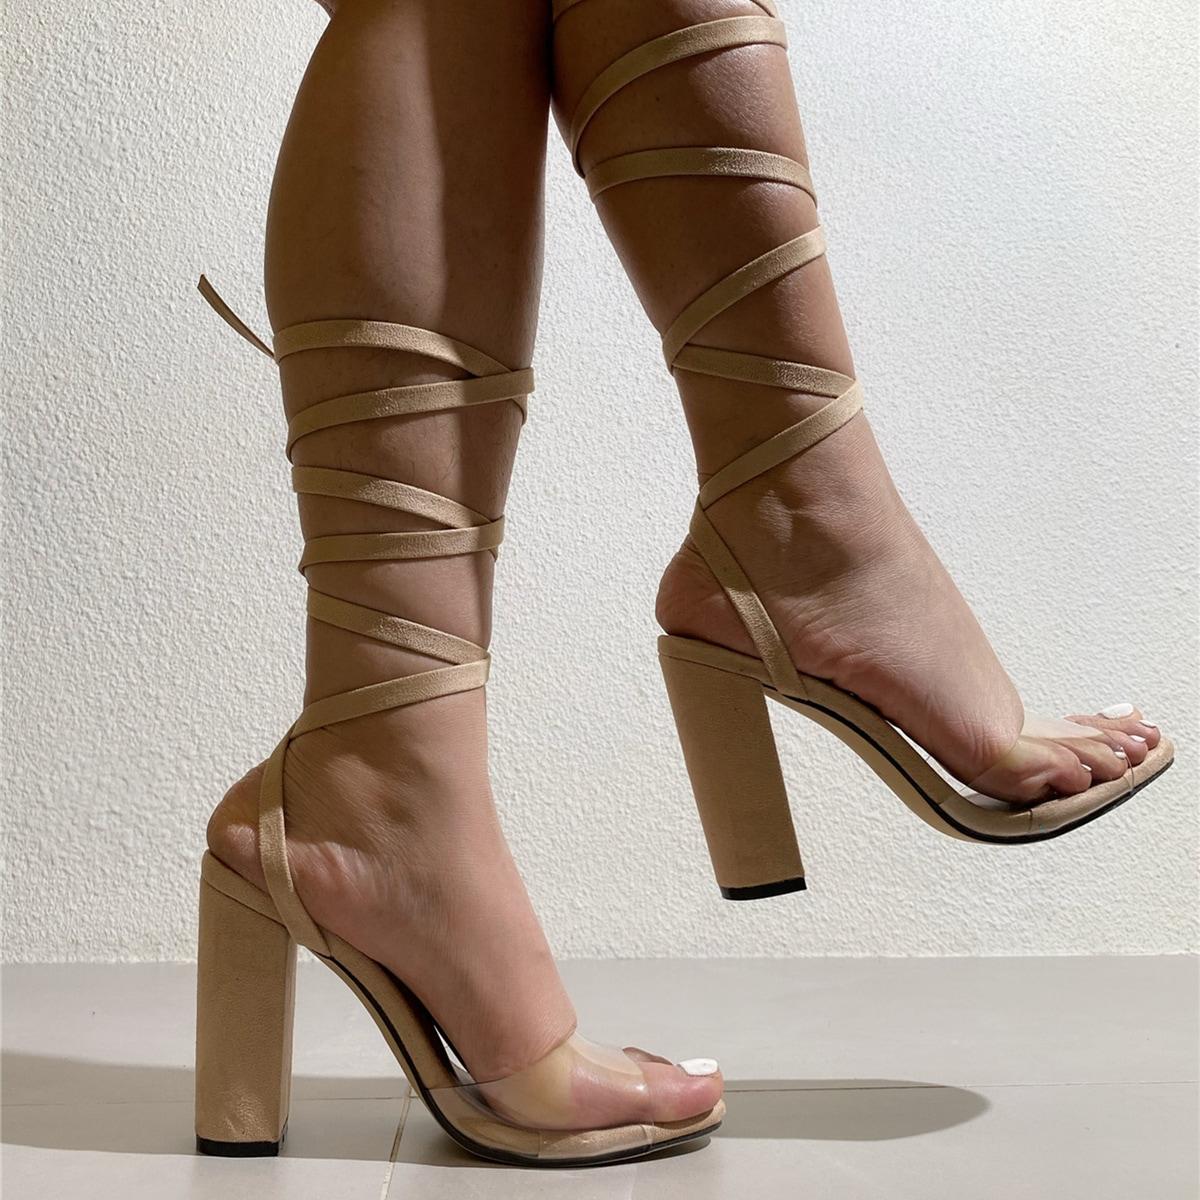 Прозрачные сандалии на массивном каблуке